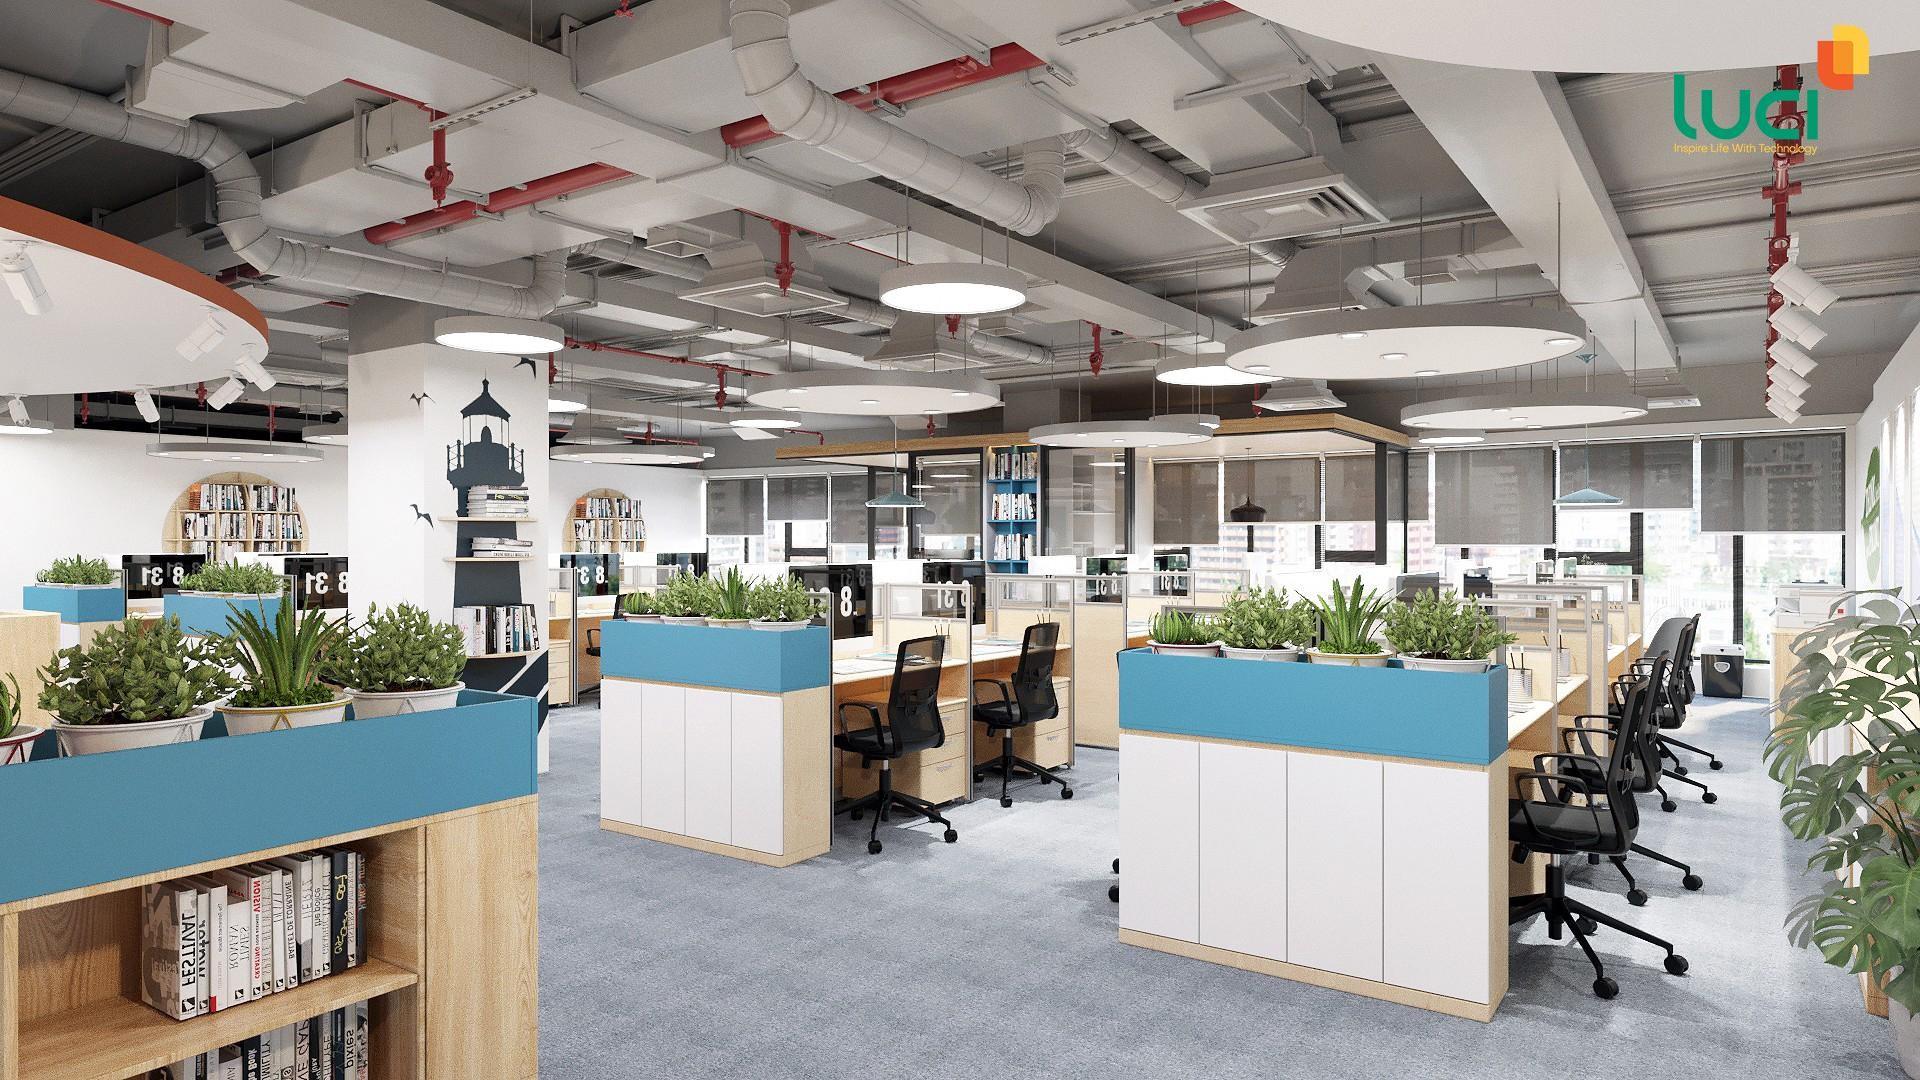 Quy trình quản lý toà nhà sẽ bao gồm rất nhiều tài liệu